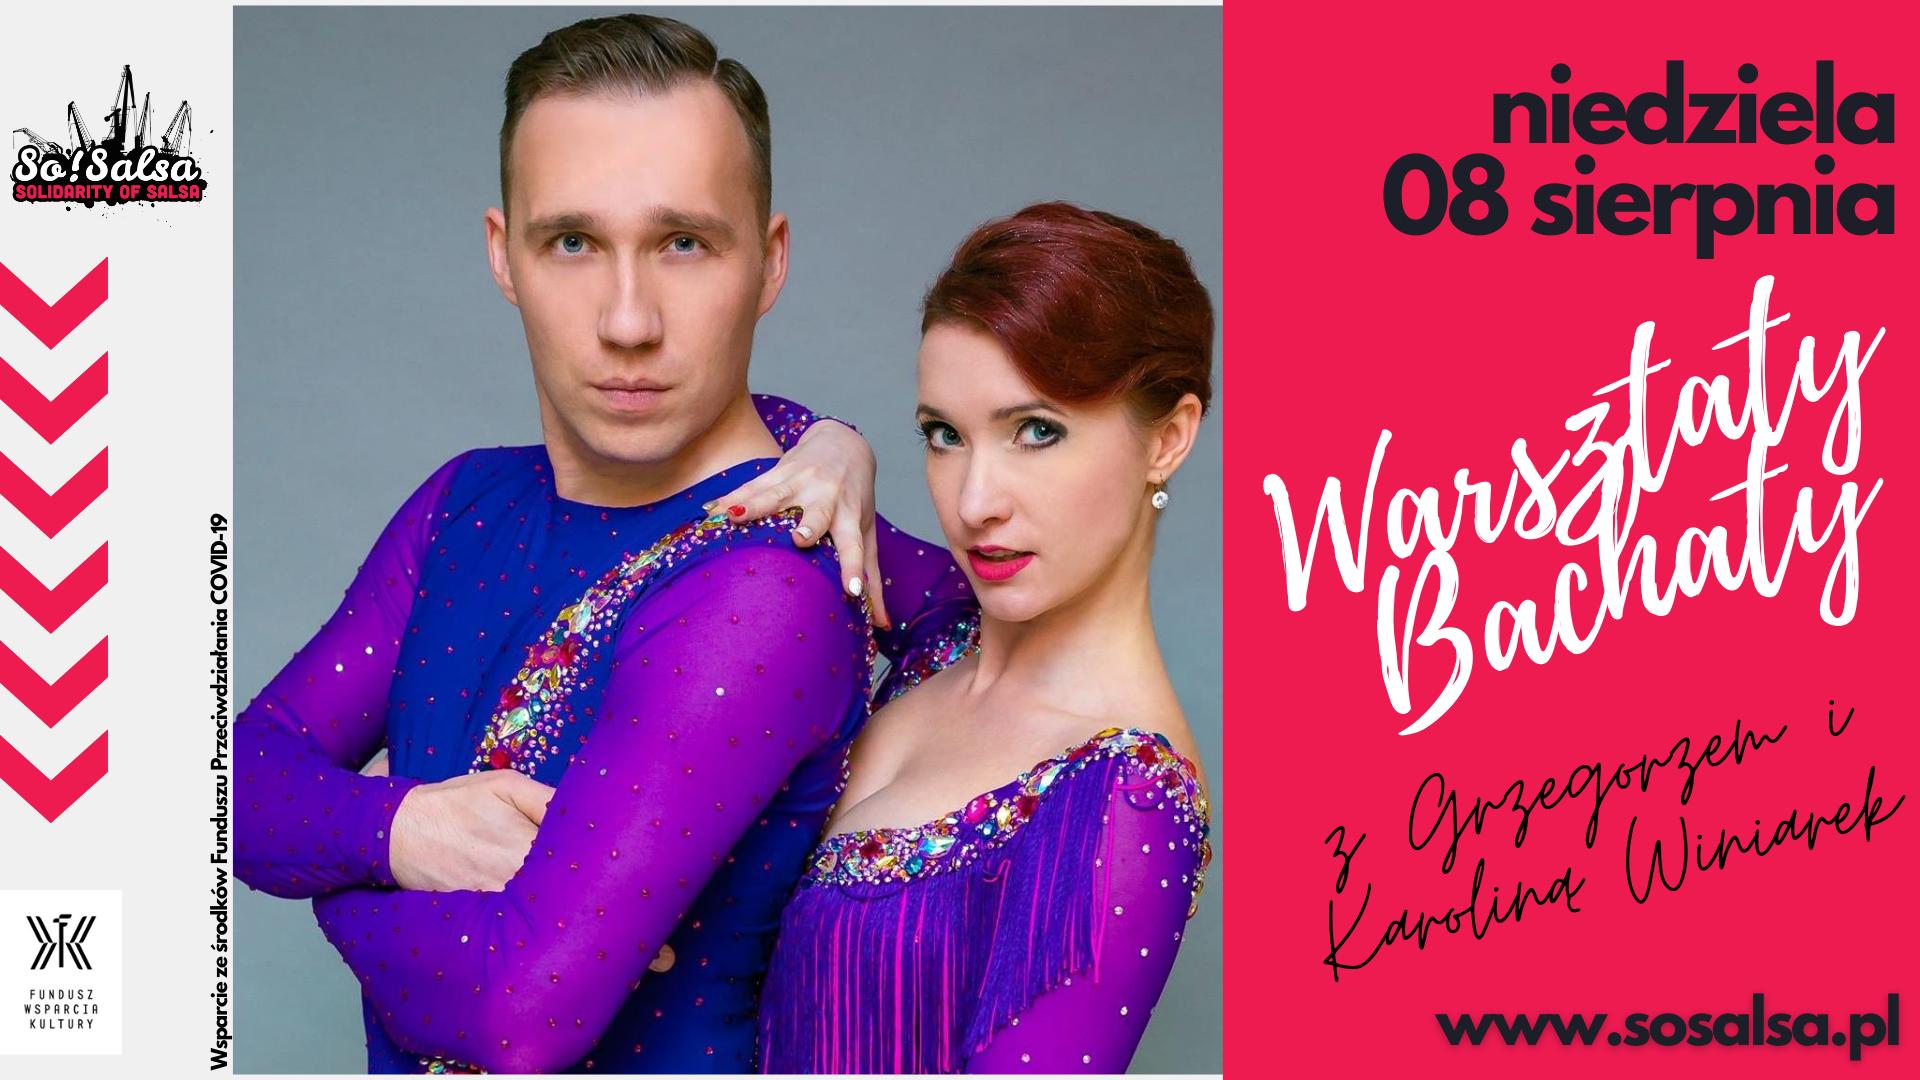 Warsztaty z Grzegorzem & Karoliną Winiarek w So!Salsa 08/08/21